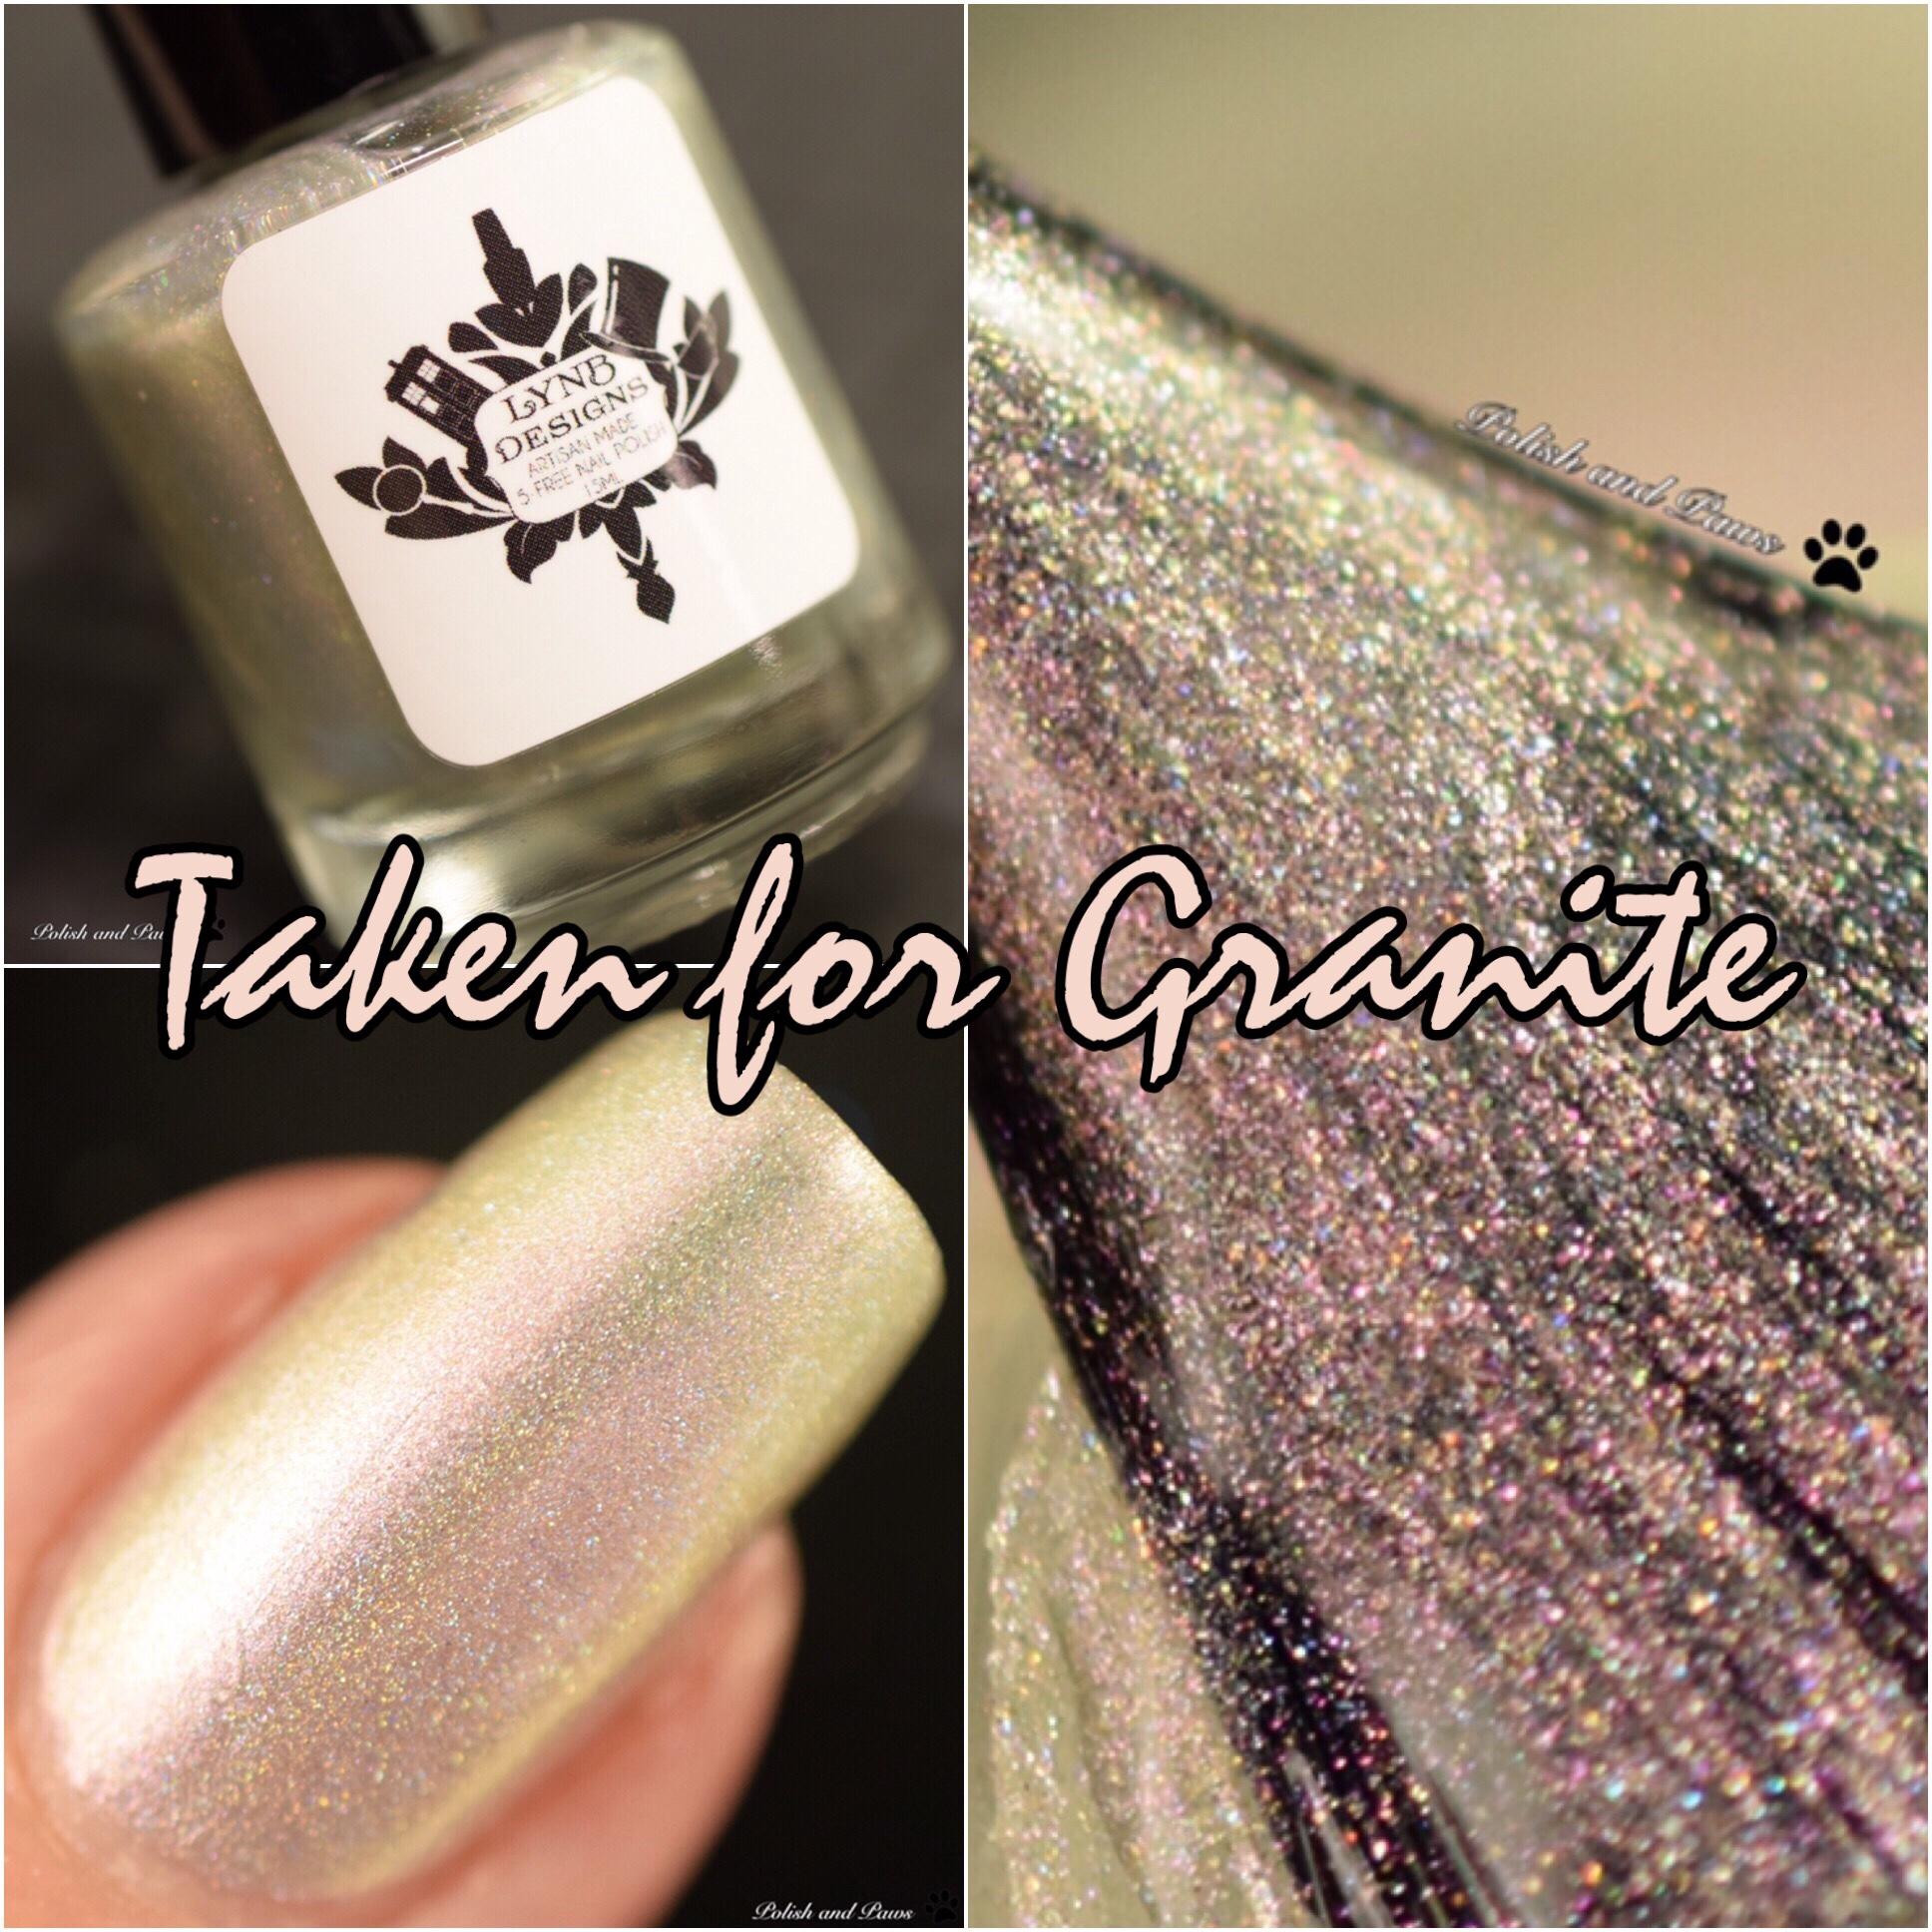 LynB Designs Taken for Granite